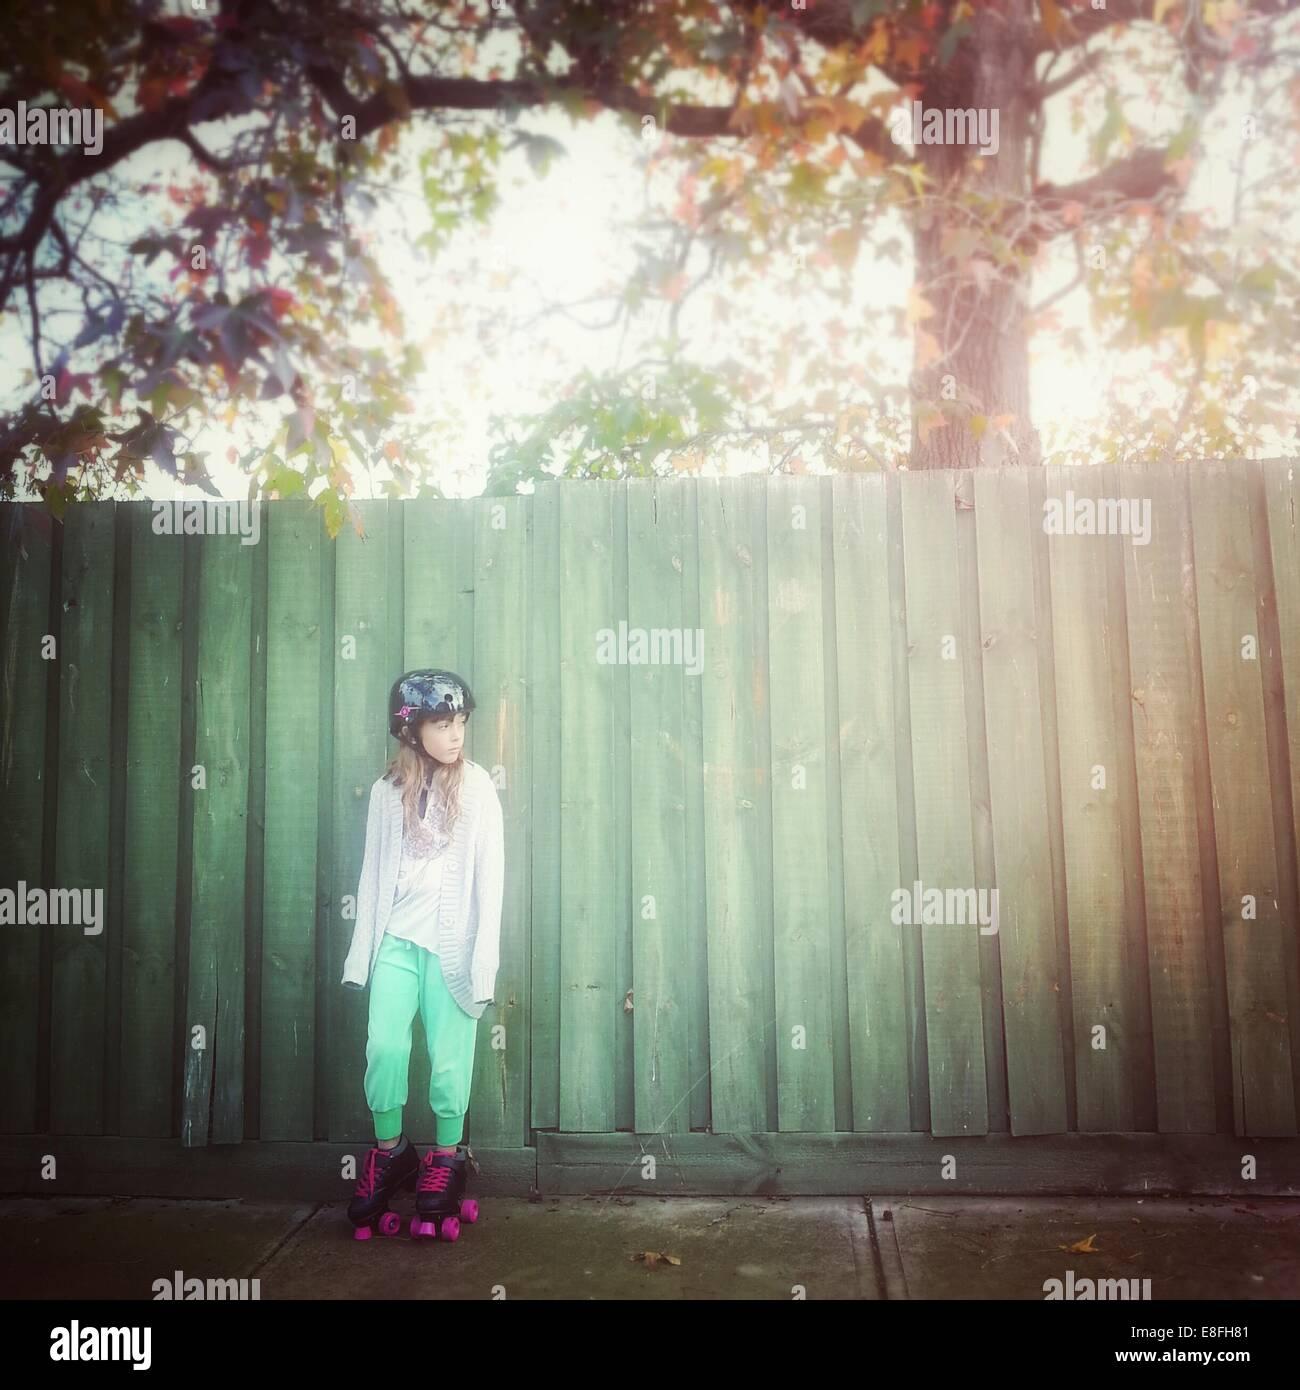 Fille portant des patins à roulettes penche contre la clôture, Australie Banque D'Images